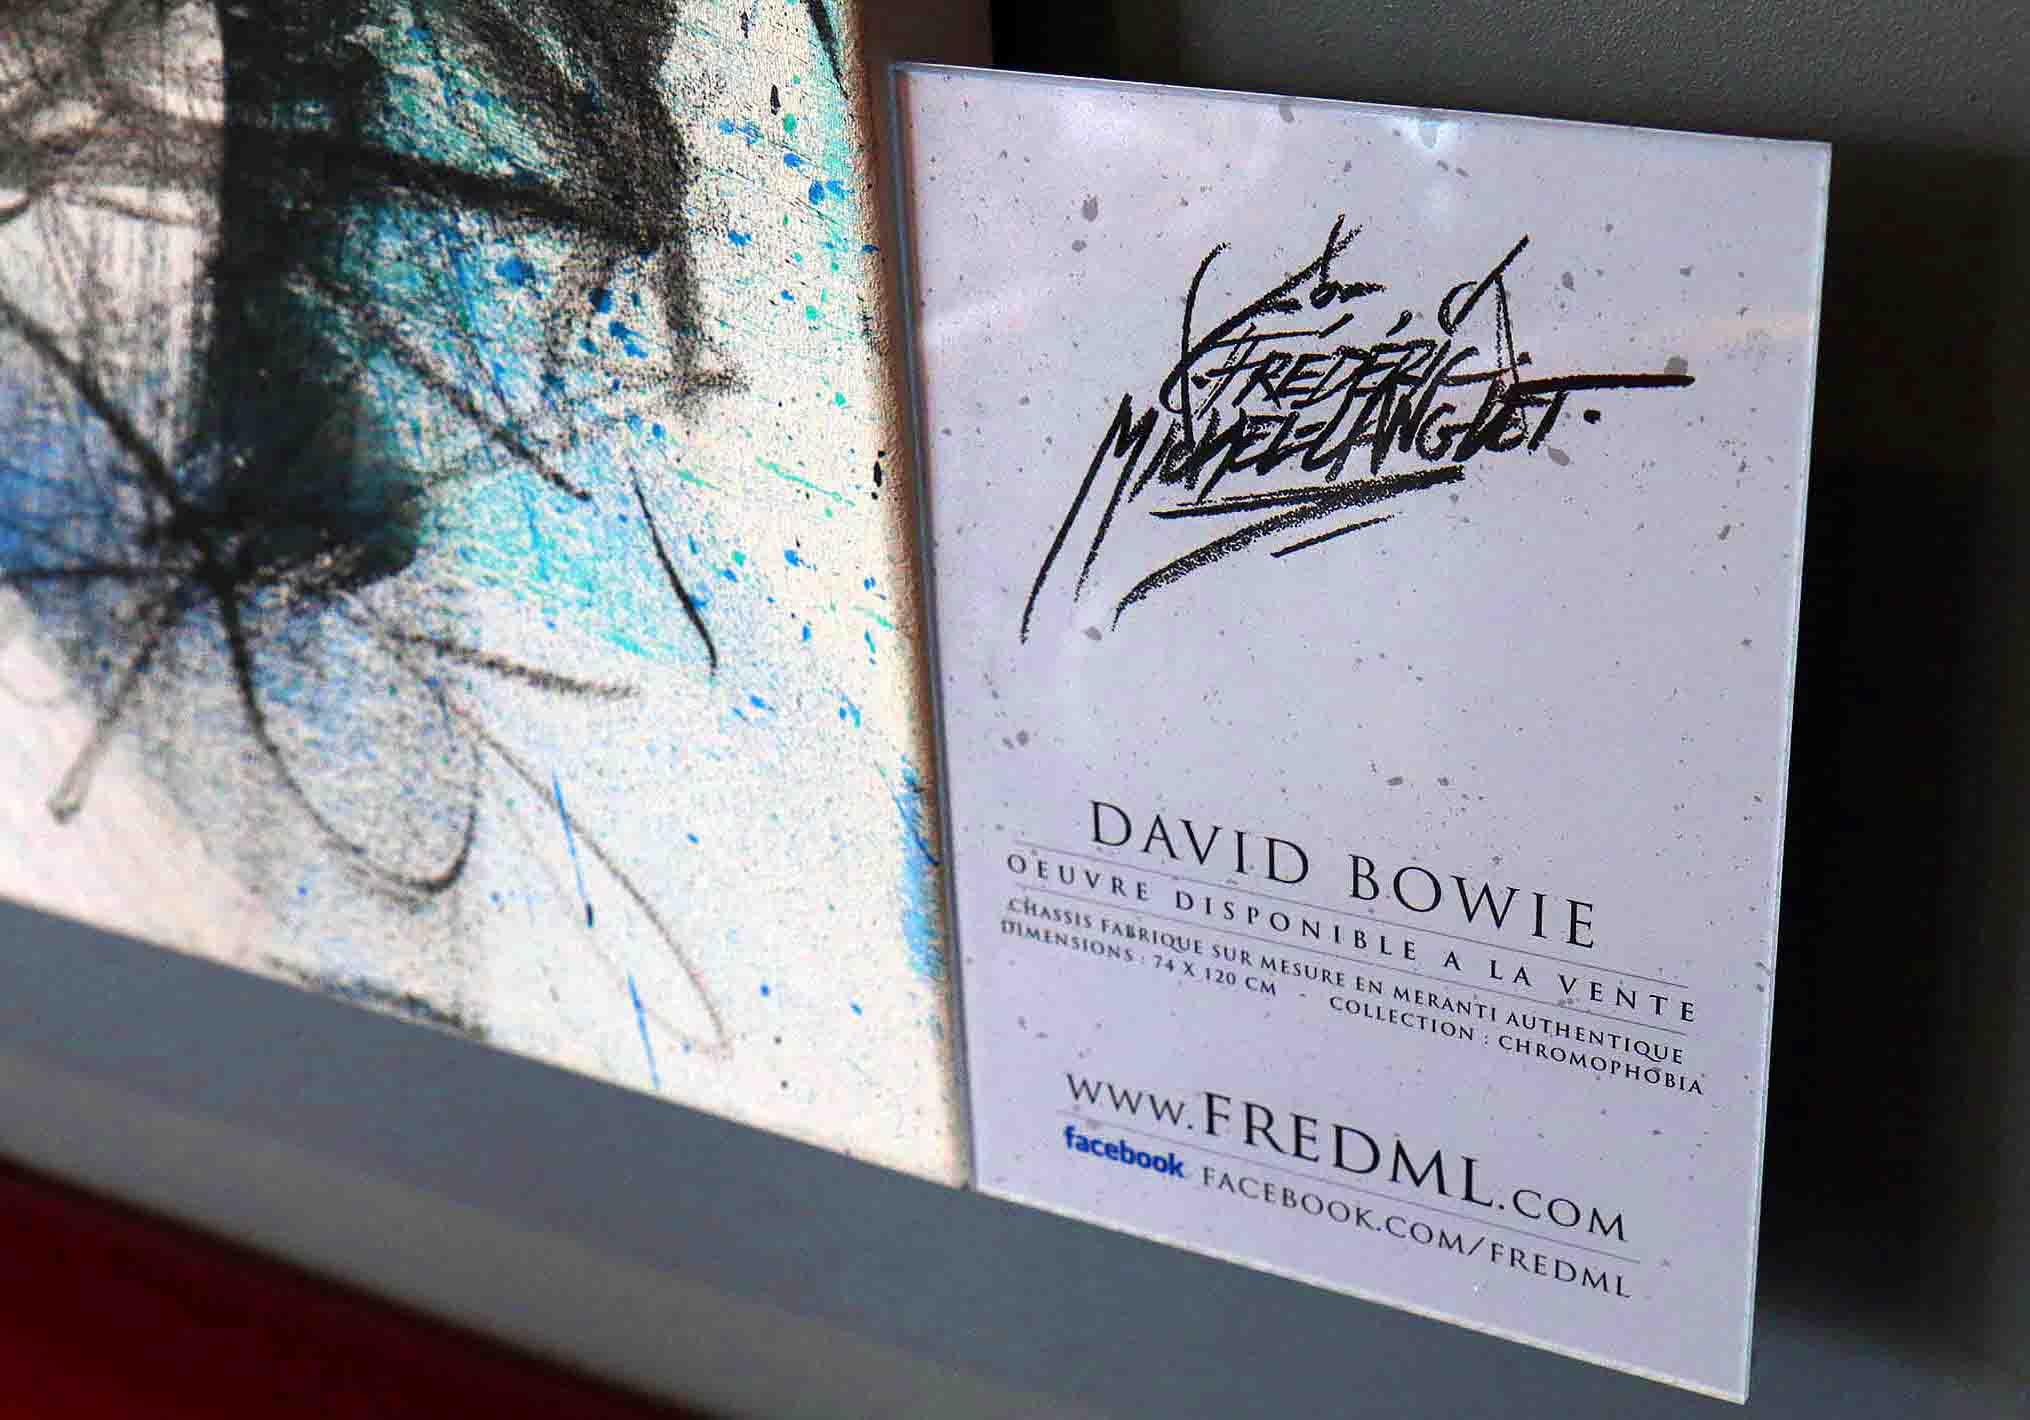 plaquette de présentation du portrait de david bowie à l'expositions histoire 2 à chantilly